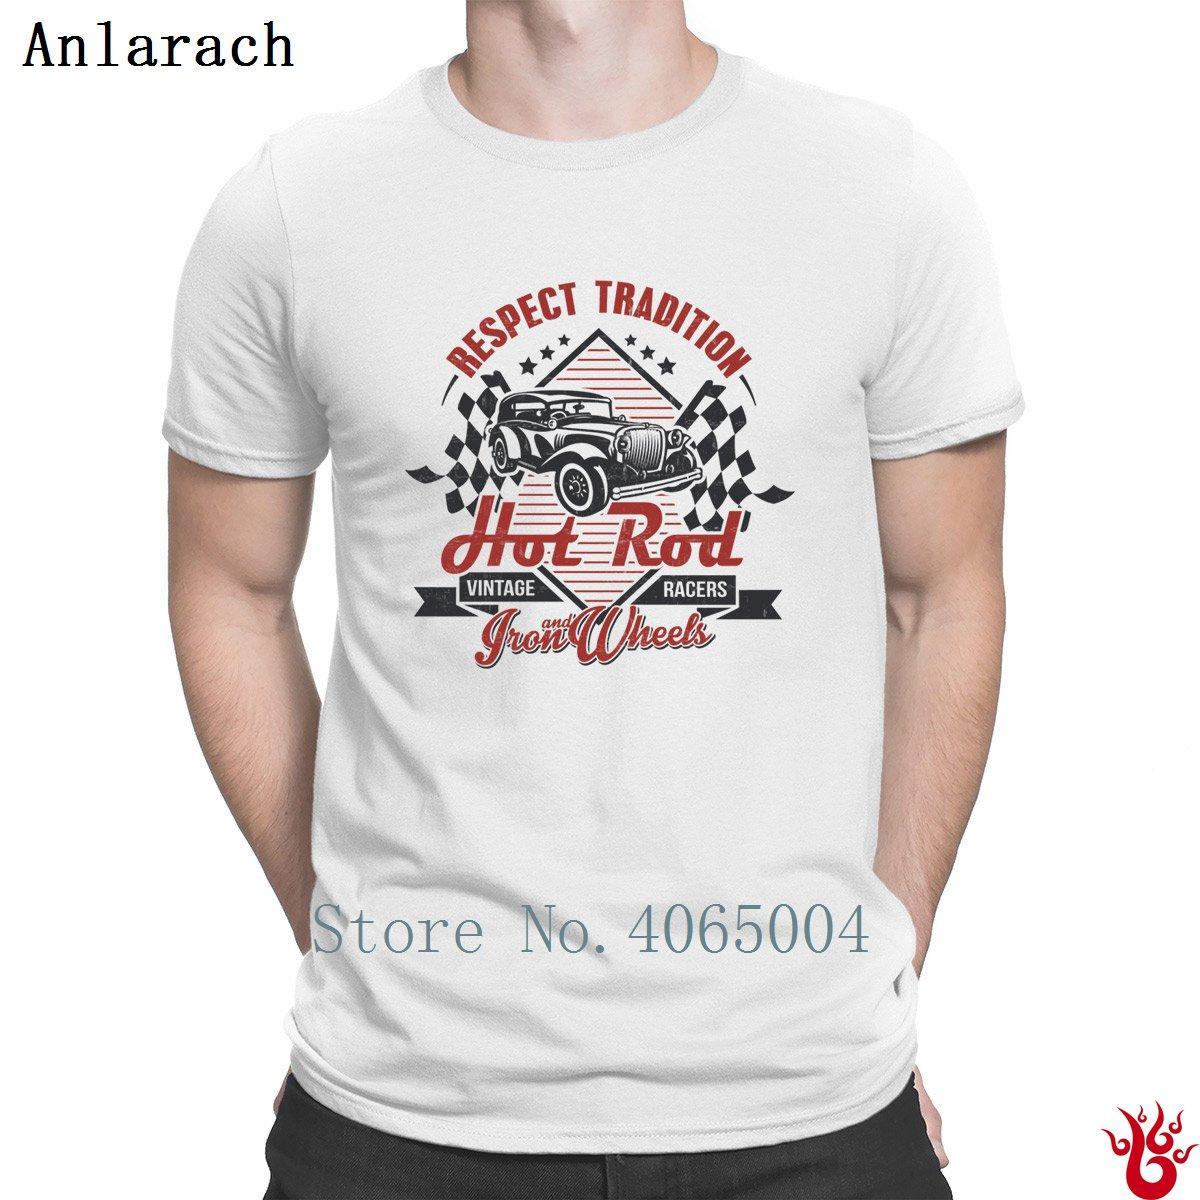 Hot Rod Урожай Racerss Нормальный Hiphop Fit Euro Размер S-3XL Мужская футболка Летняя Оригинальная майка 100% хлопок Смешной Casual